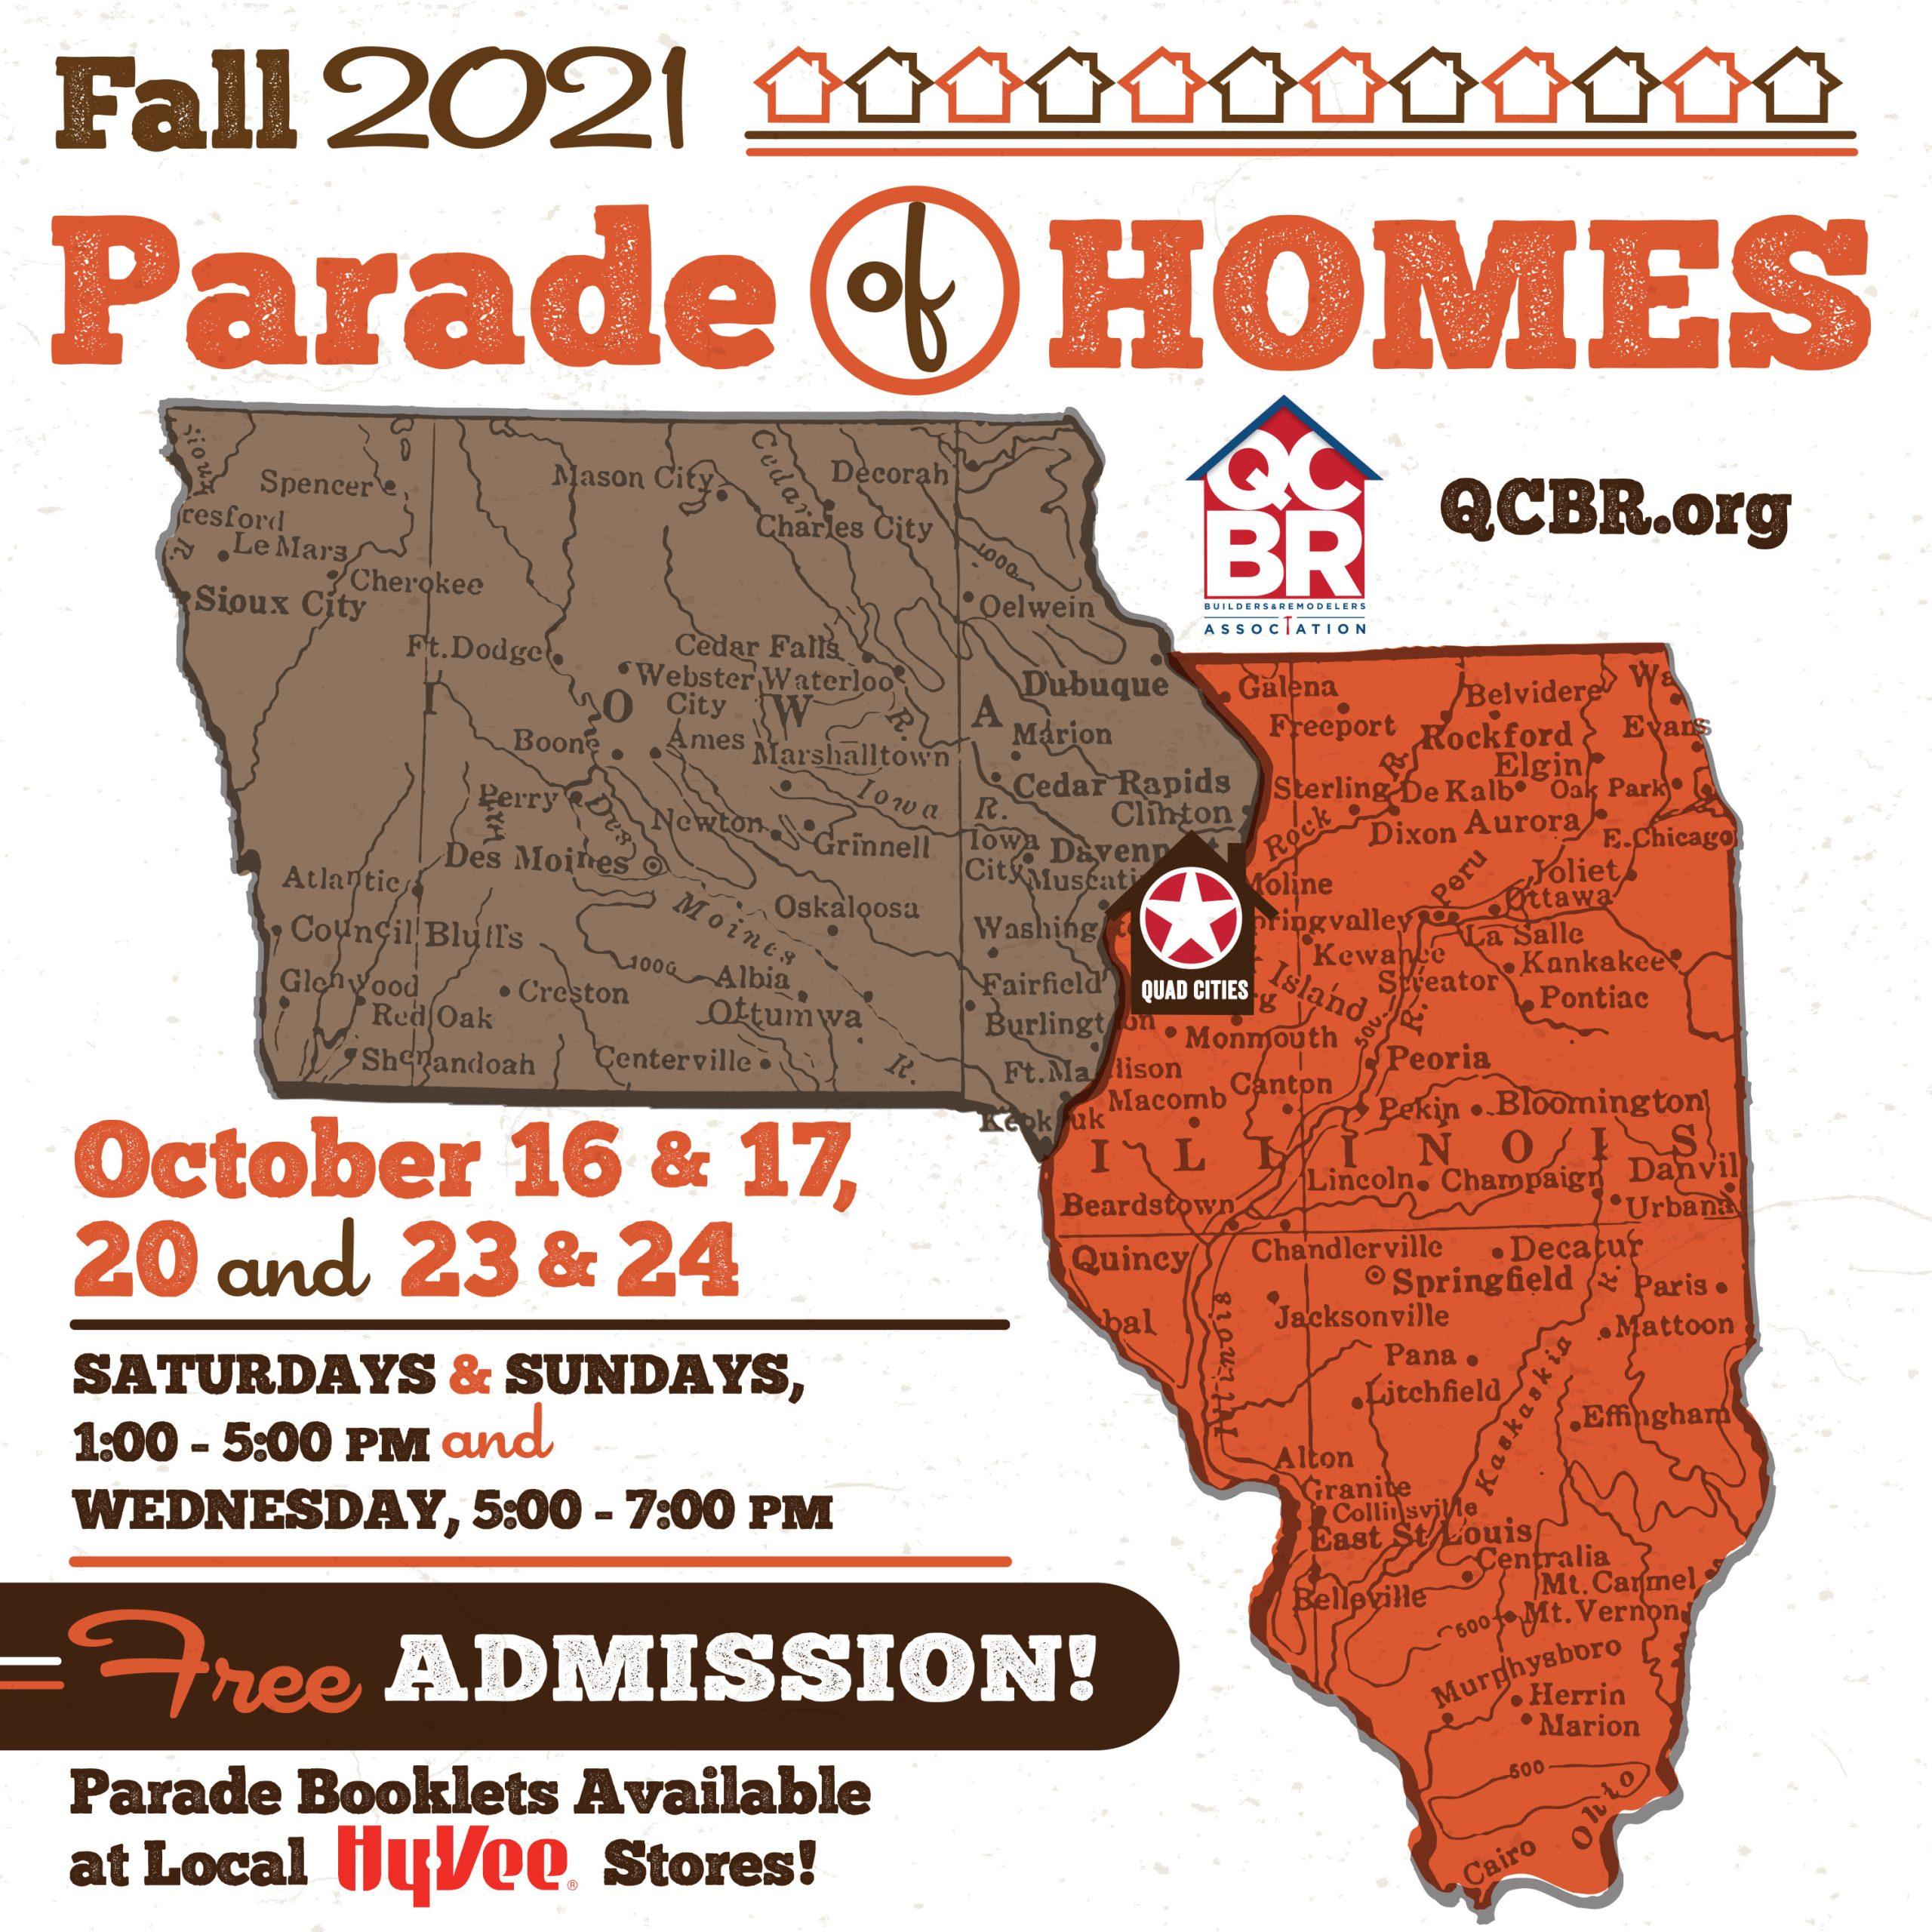 Parade of Homes Fall 2021